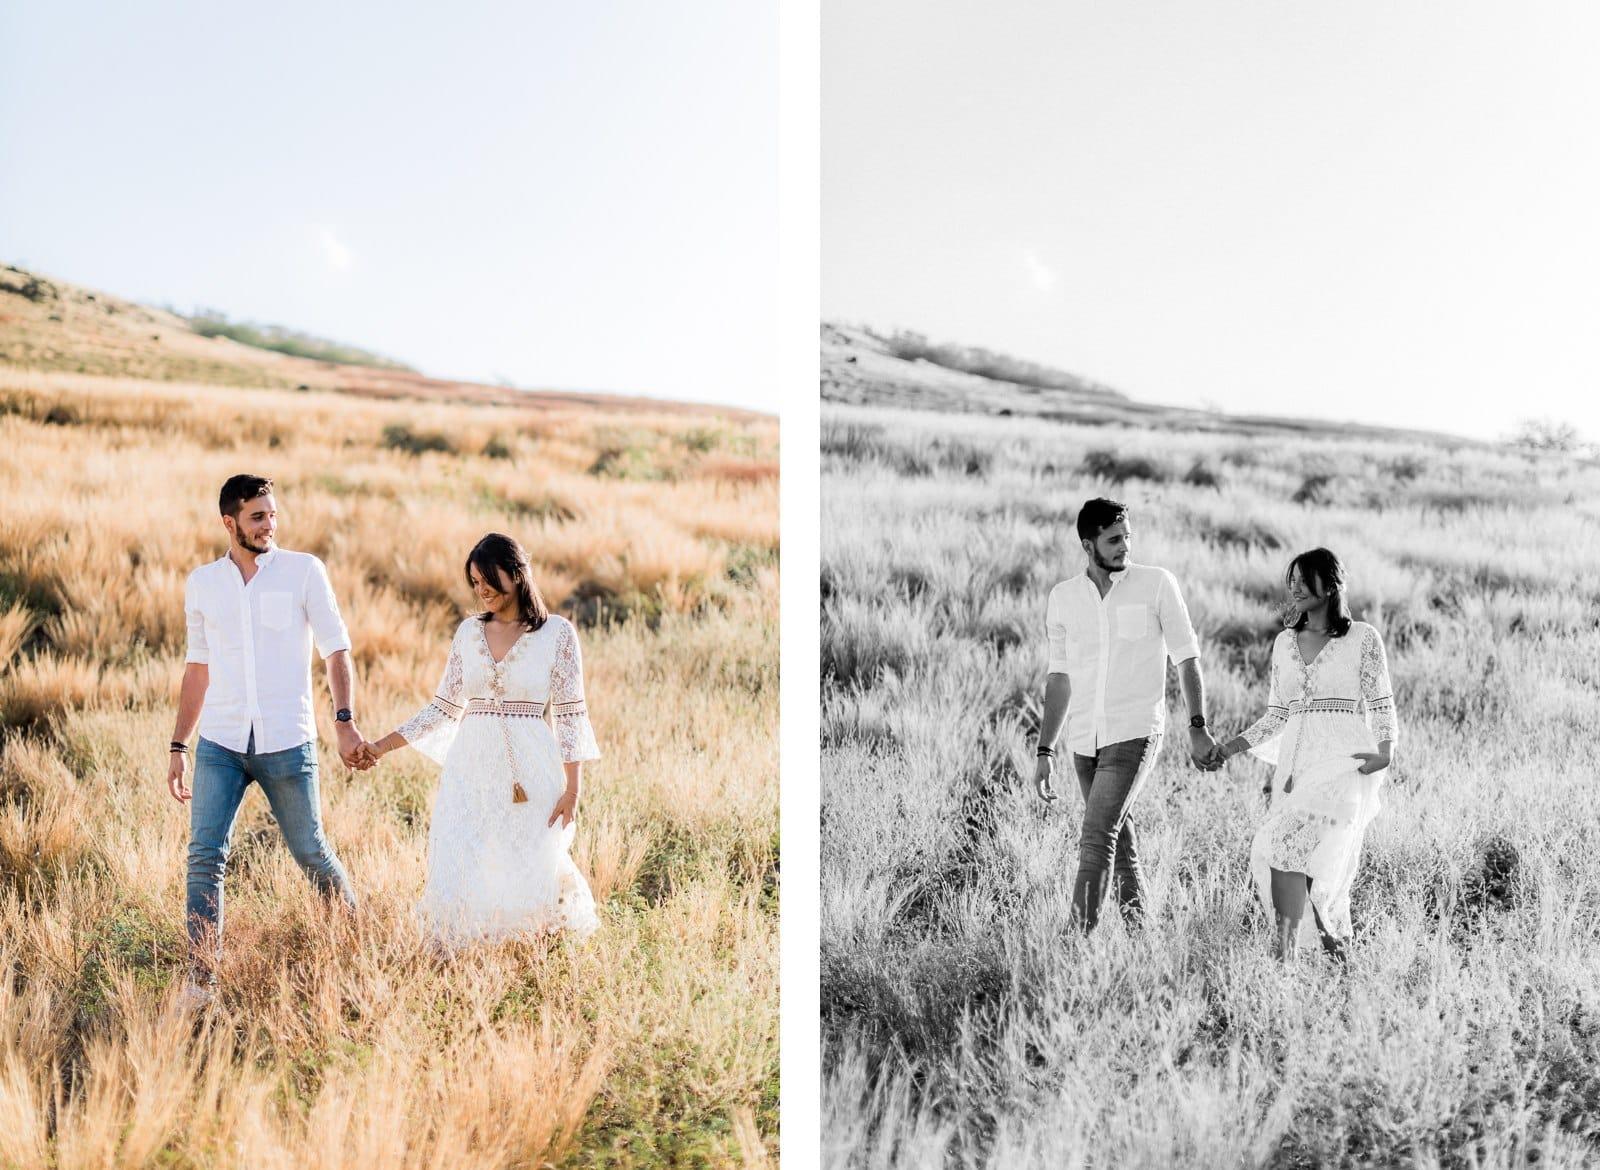 Photo d'une séance photo au Cap La Houssaye, de Mathieu Dété en noir et blanc, photographe de mariage et famille à Saint-Paul de la Réunion 974, présentant un couple qui marche dans la savane du Cap La Houssaye, près de Saint-Paul